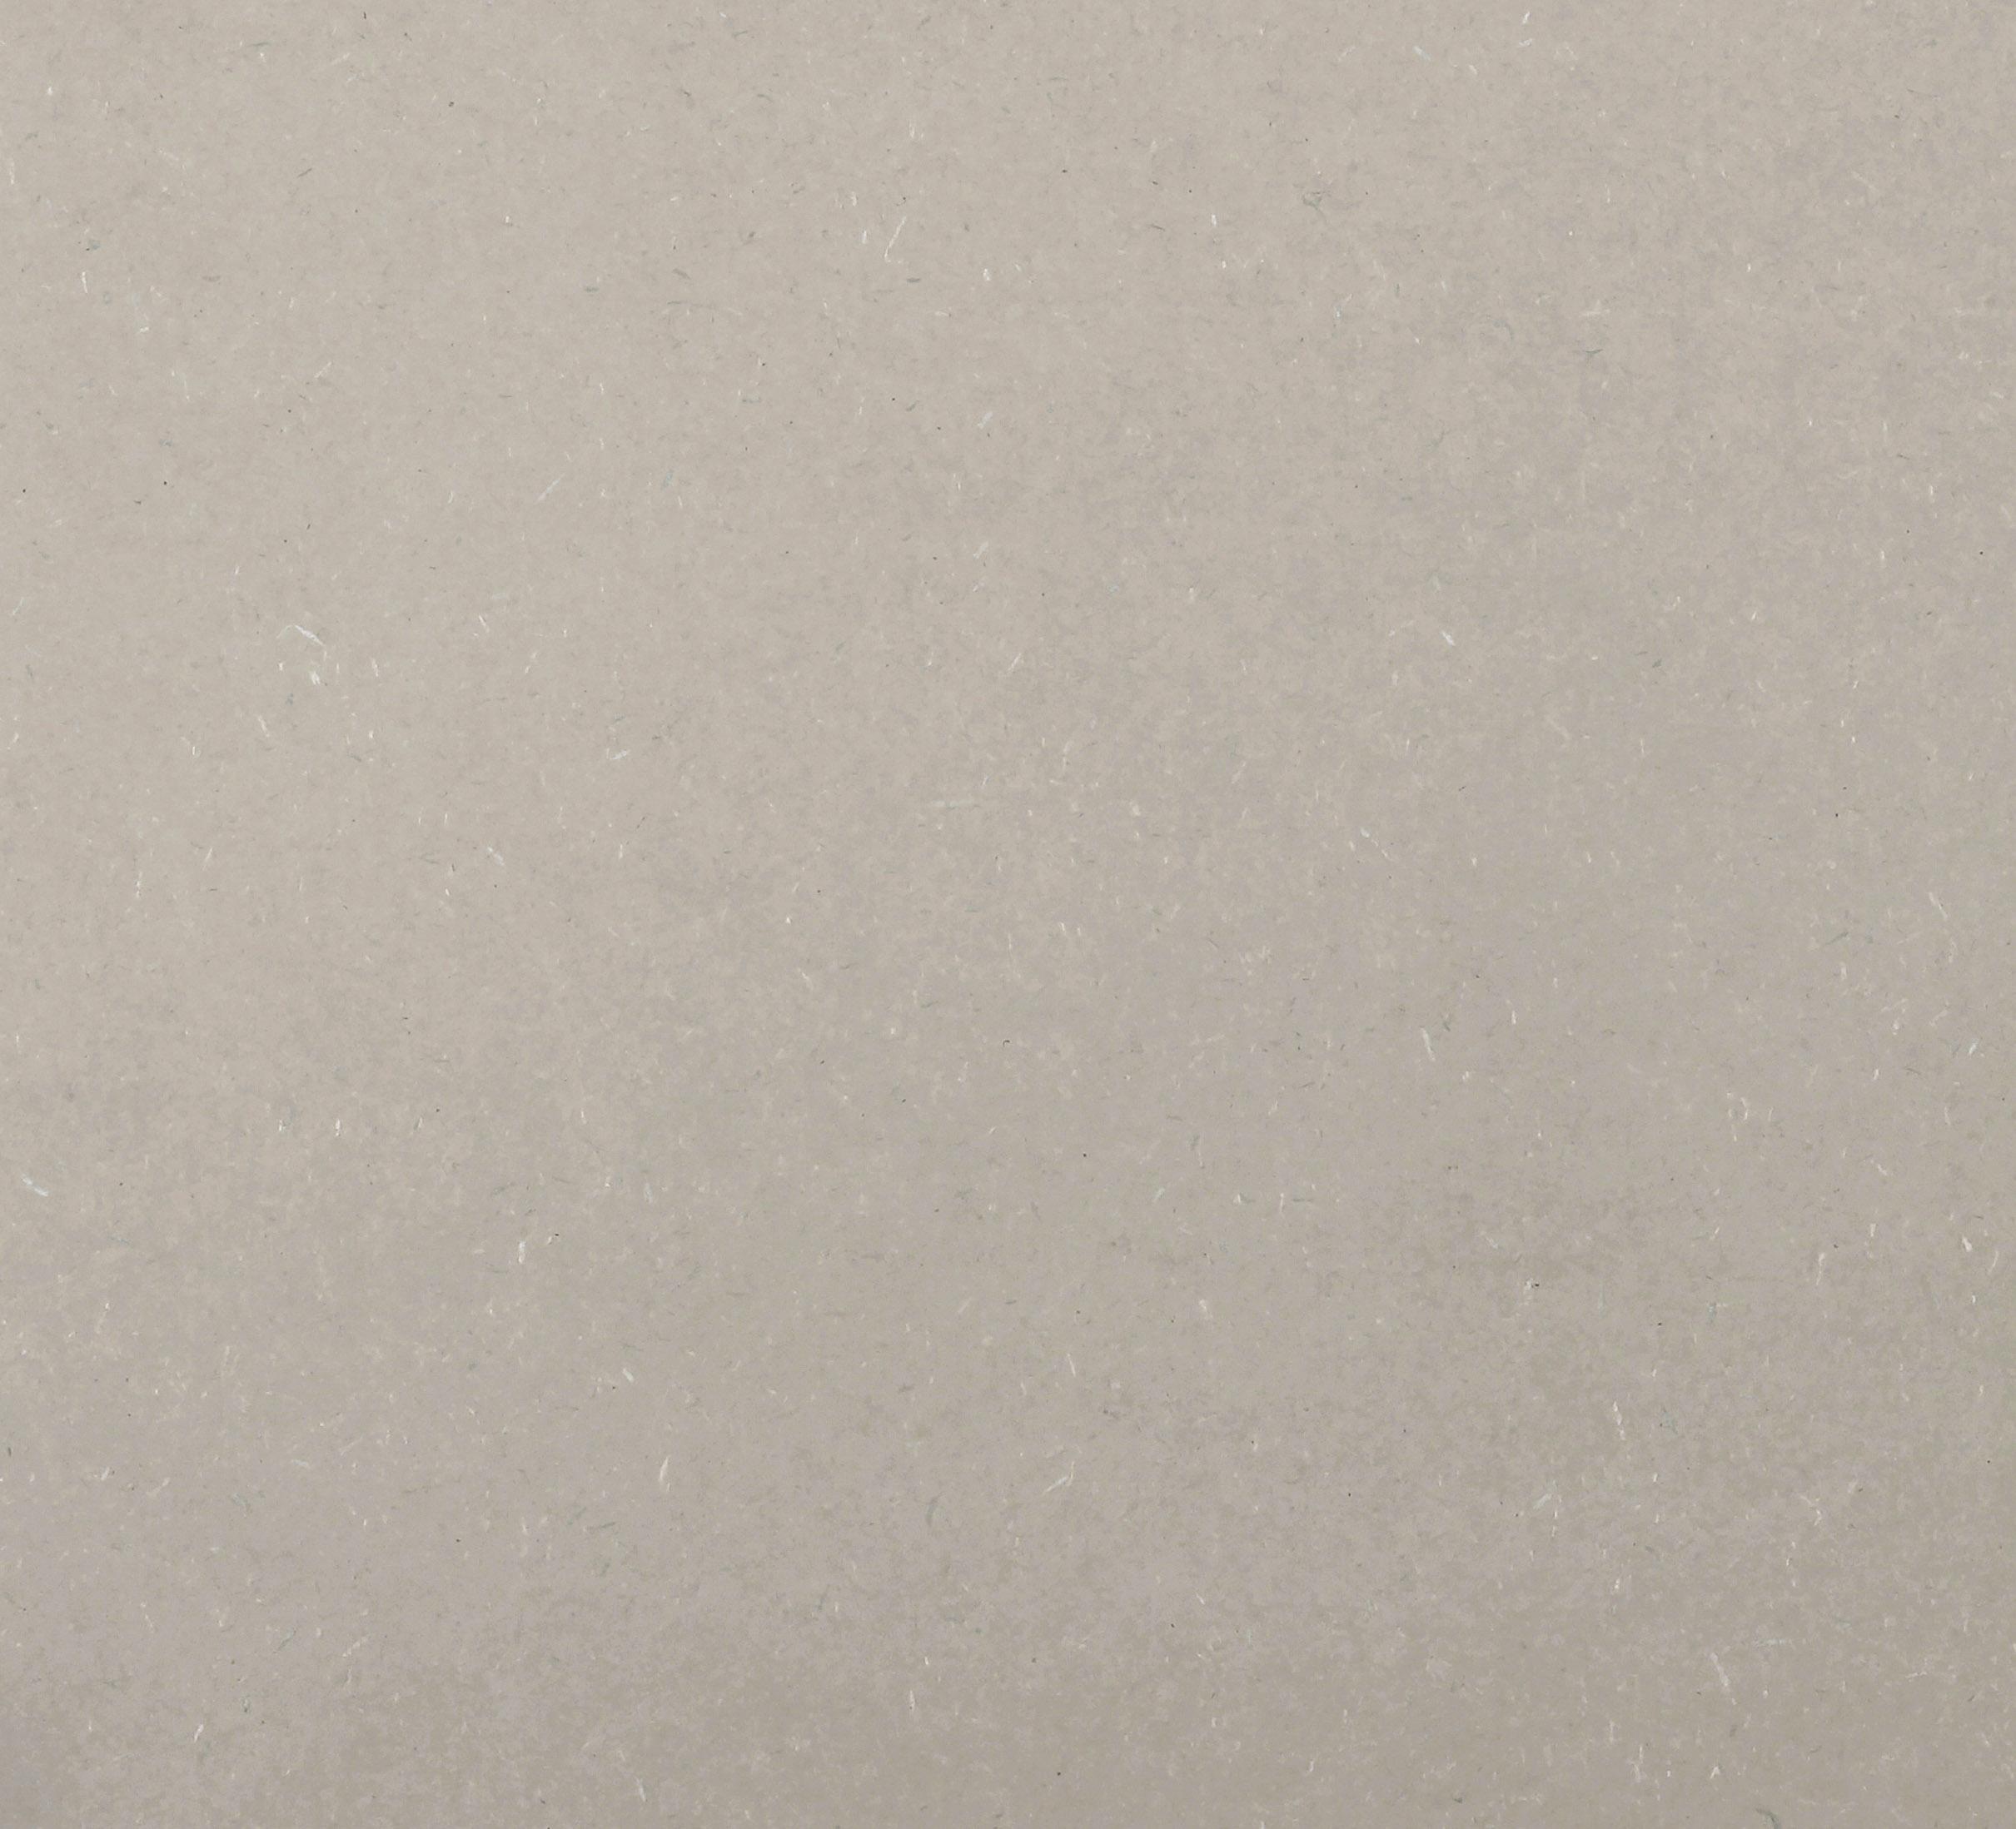 МДФ окрашенный Песочный (Sand Grey (G9)) 19мм 2800х2070мм (FF)